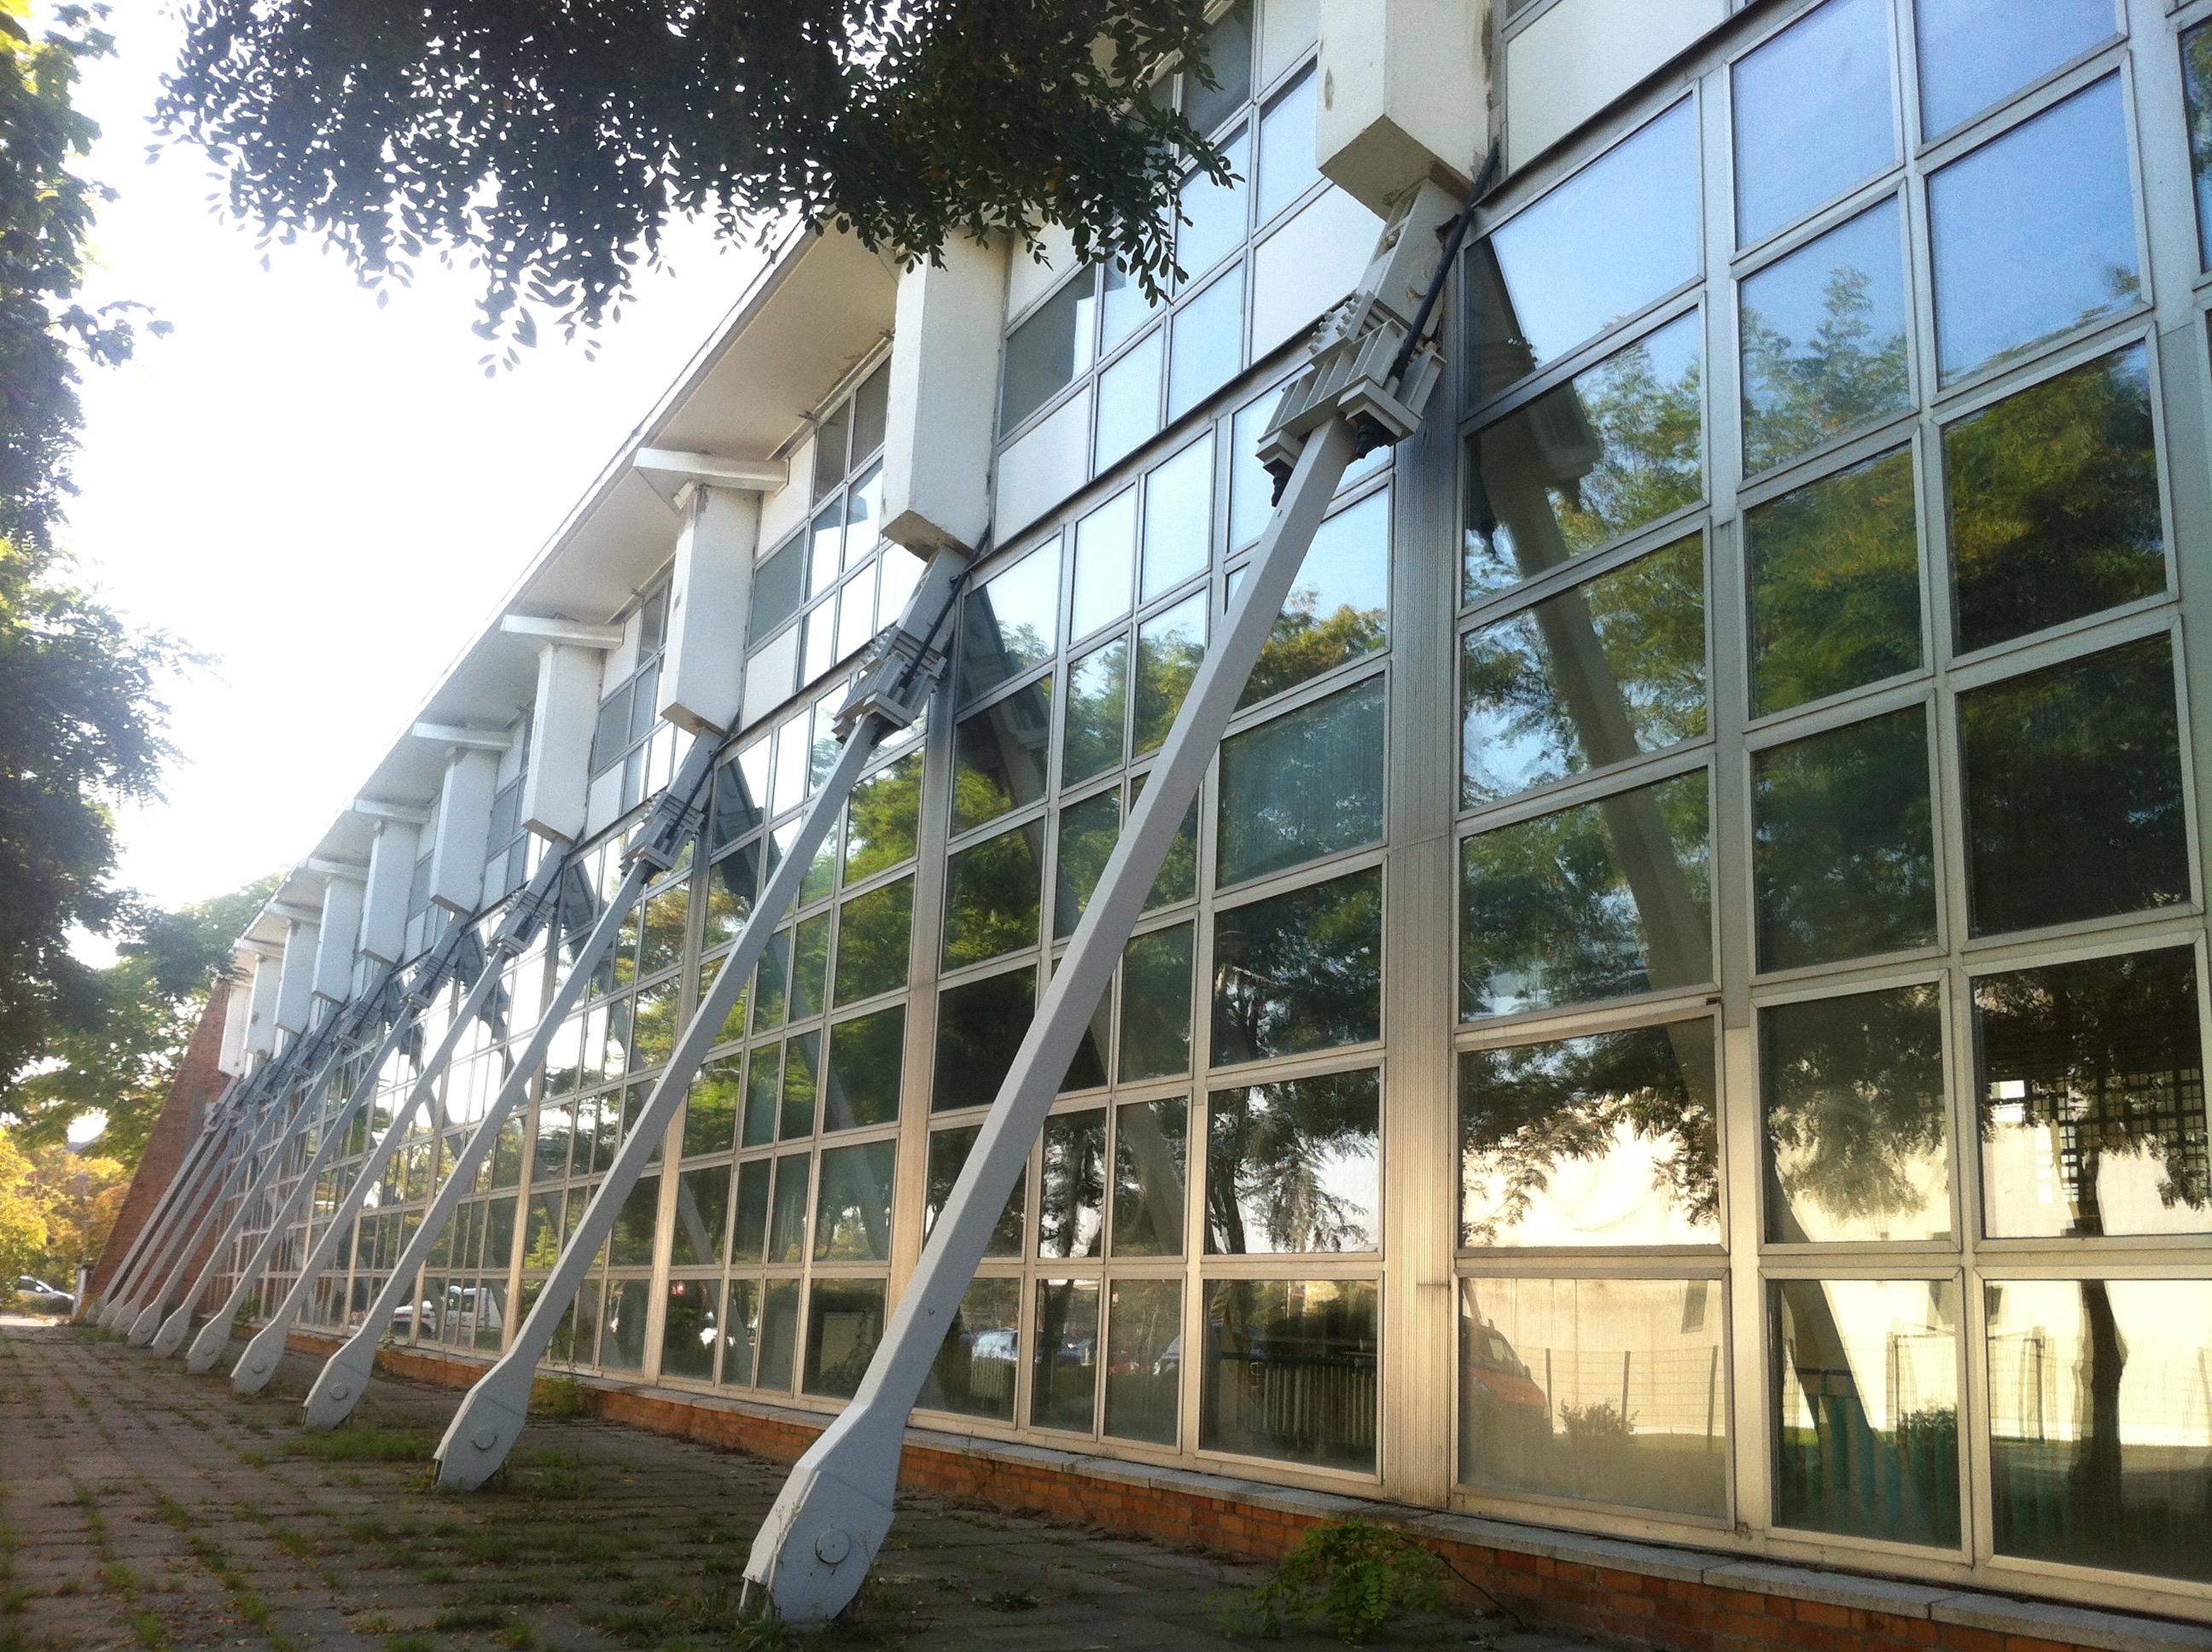 Schwimmhalle mit Stahlseilkonstruktion (c) Anna Stecher - Kooperative Berlin